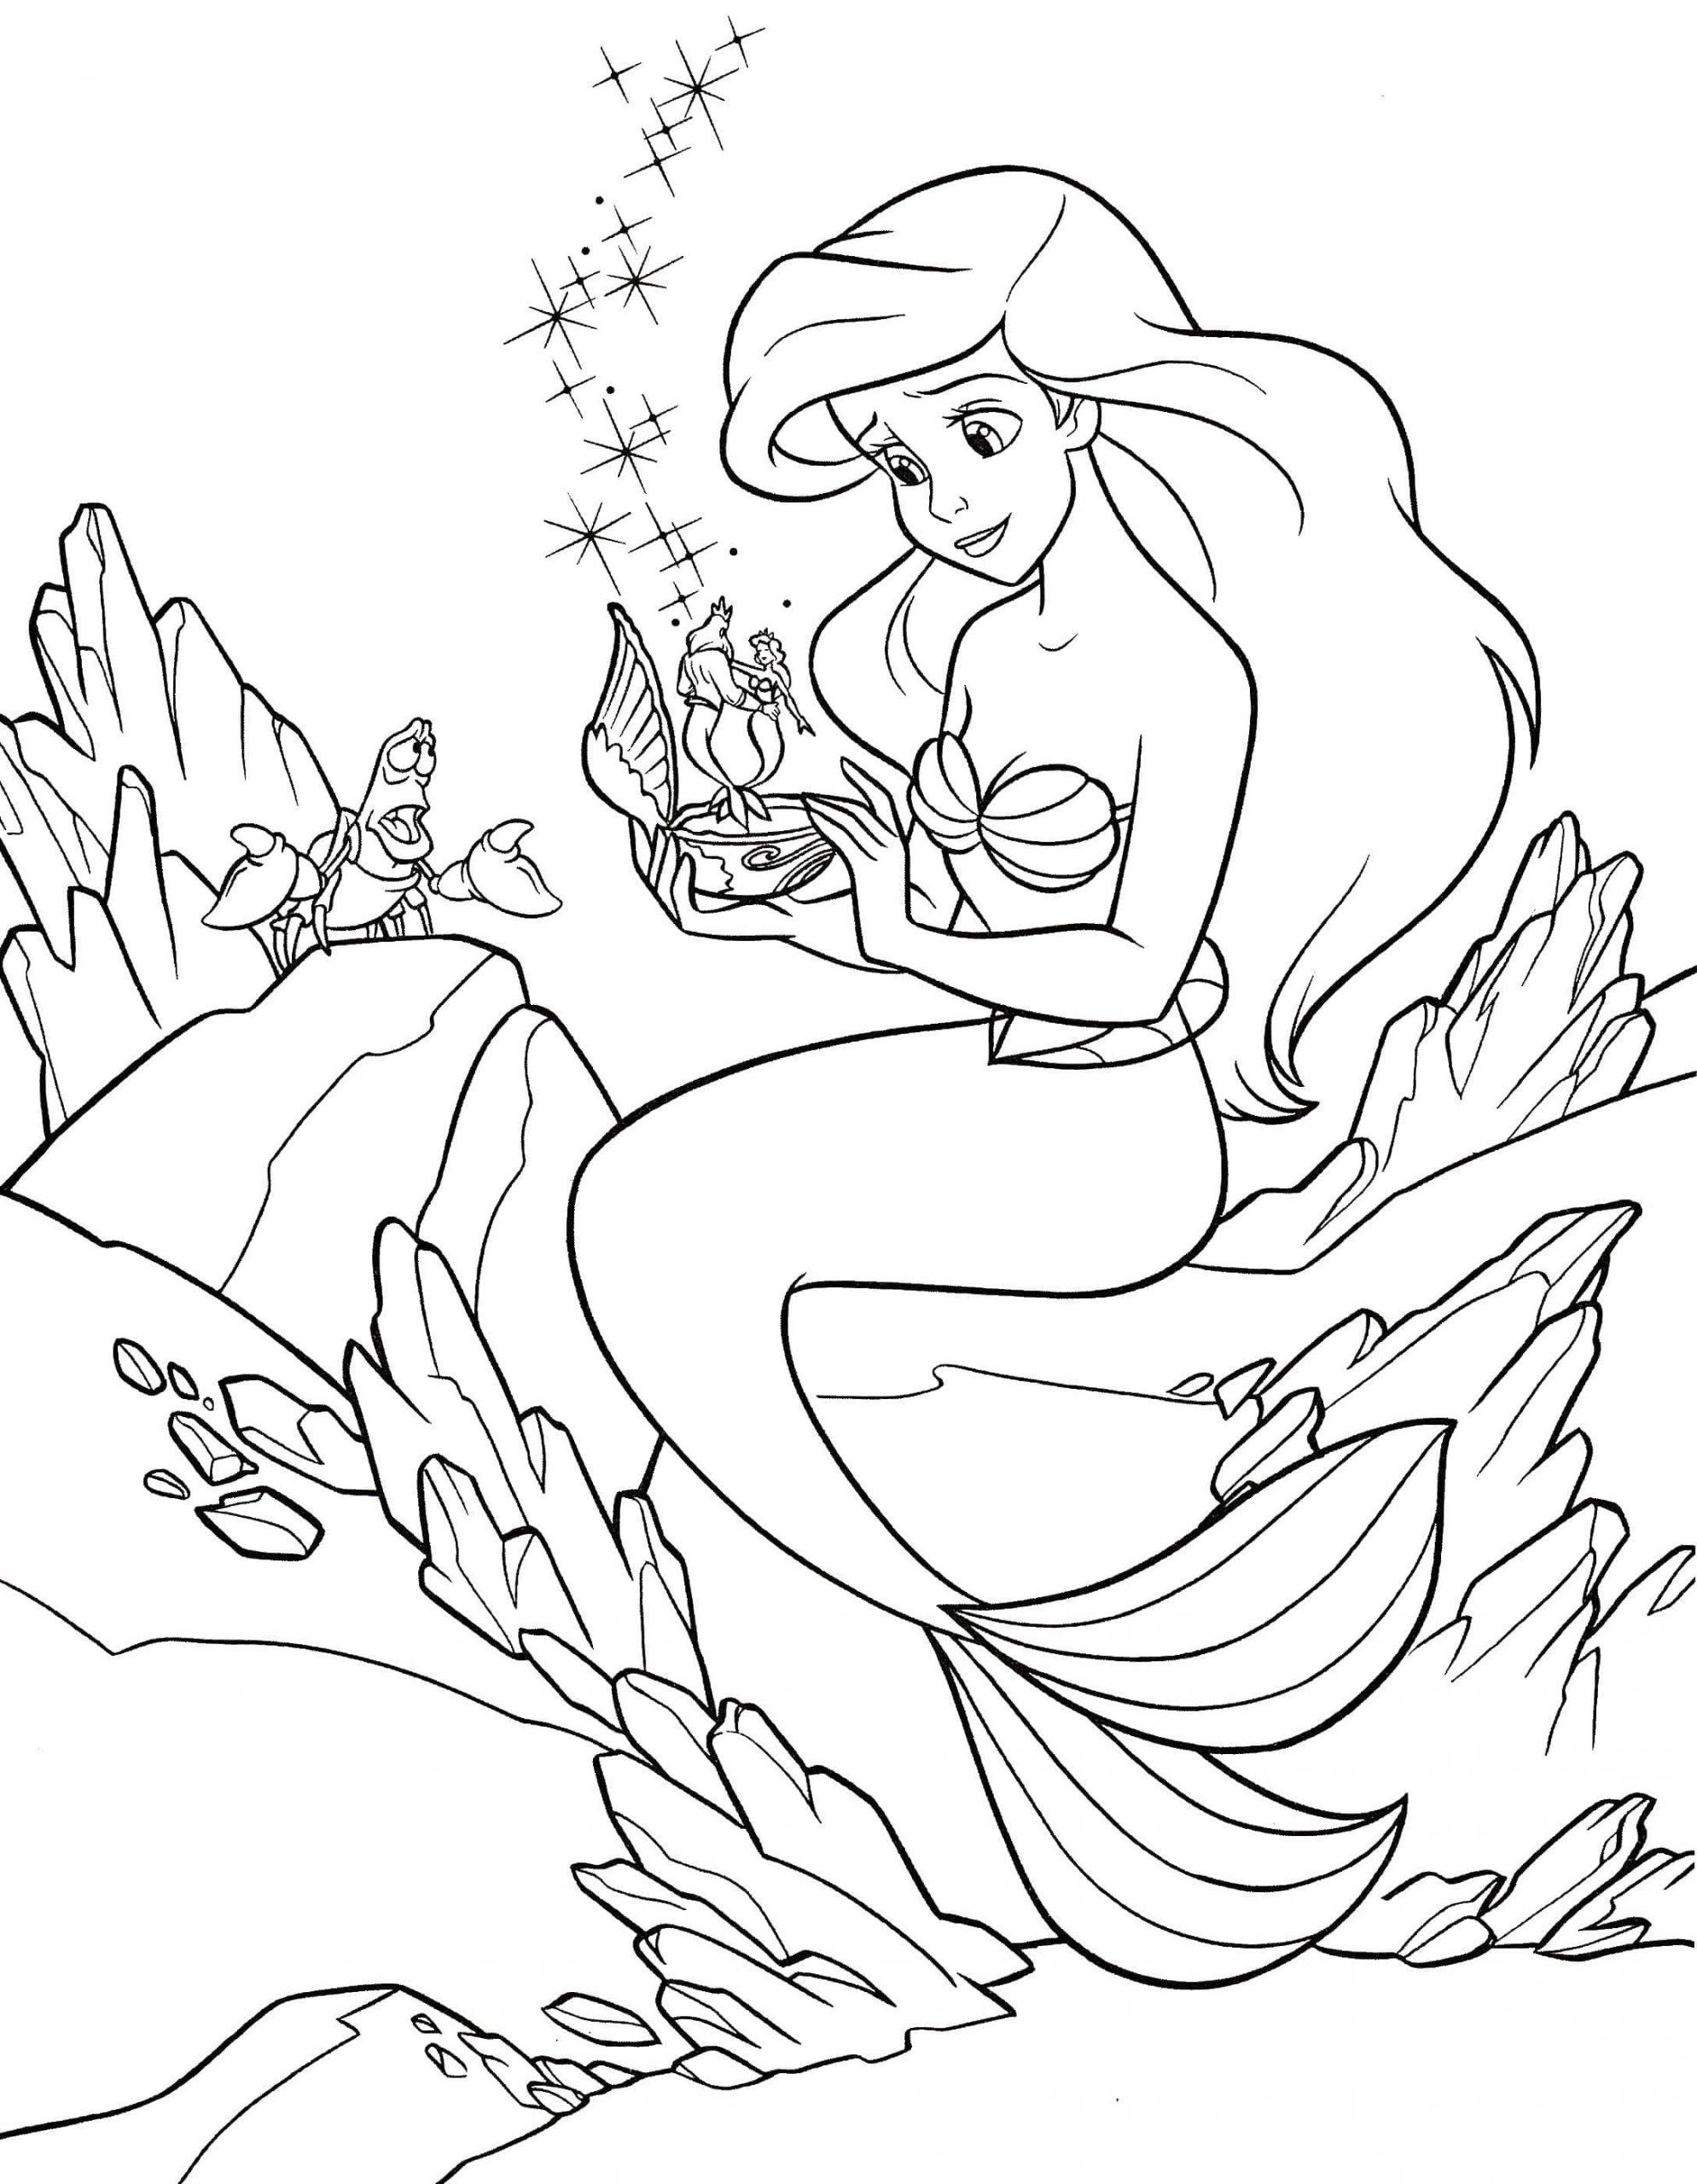 Ausmalbilder Arielle. Print Meerjungfrau, Die Schönsten Bilder verwandt mit Meerjungfrau Ausmalbilder